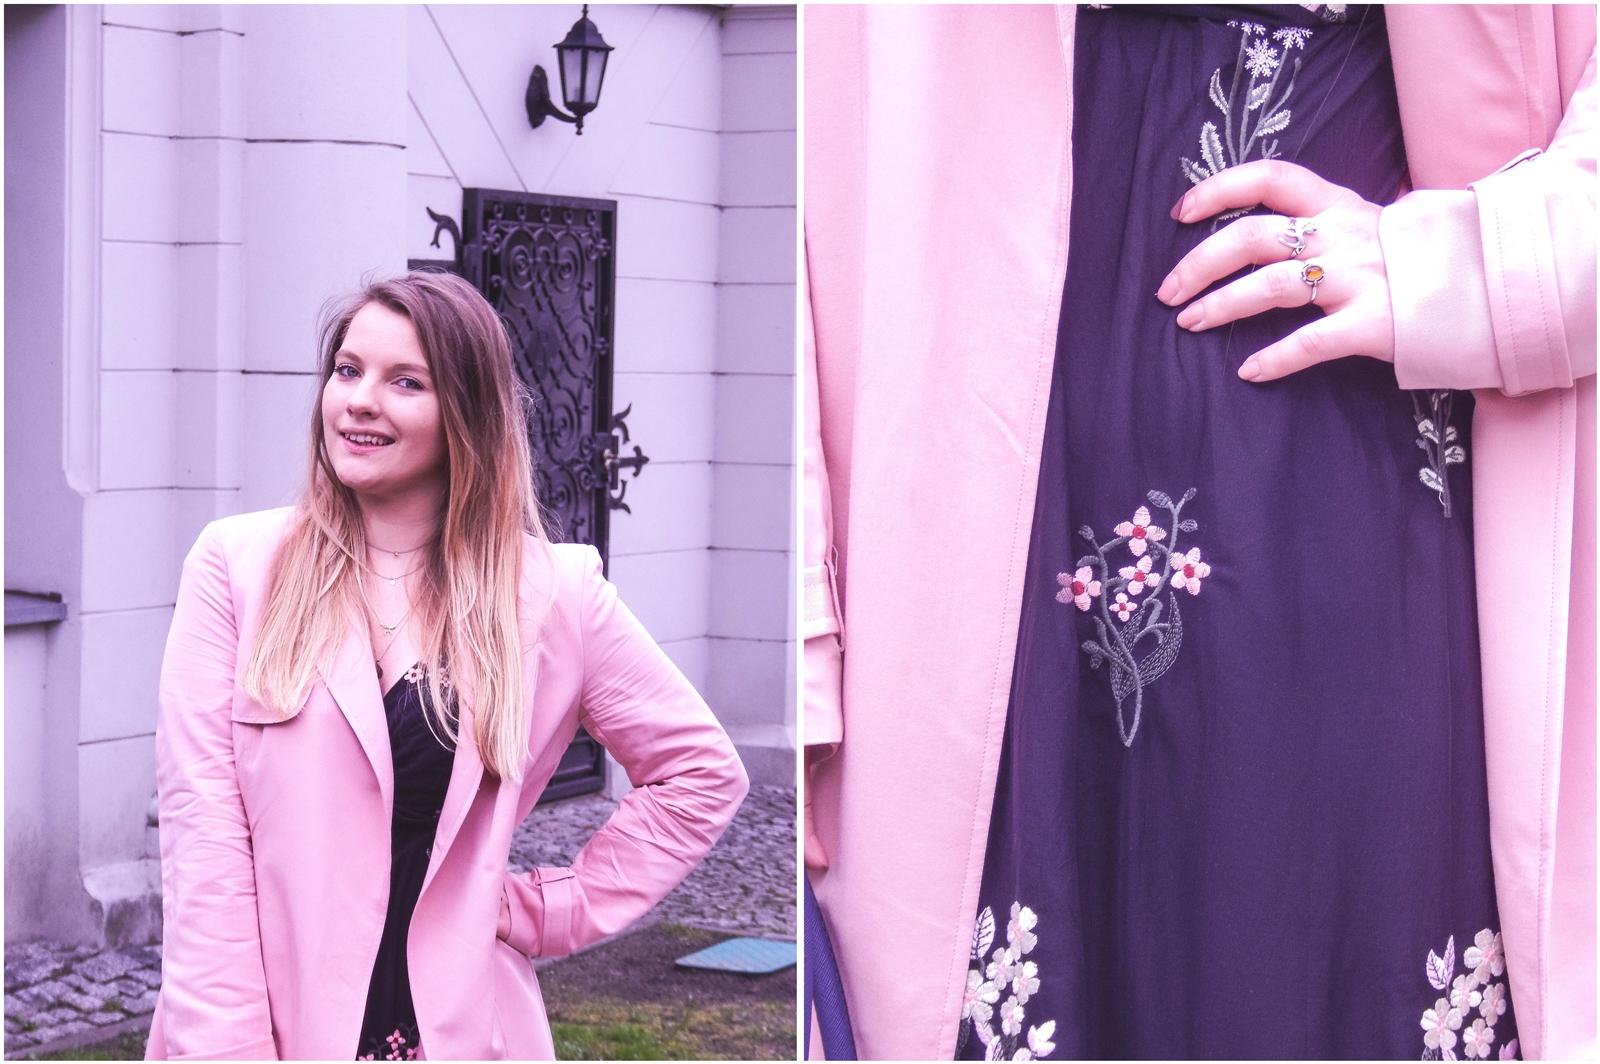 3a total look rsay trendy wiosna 2018 nowa kolekcja moda fashion blog blogerki modowe łódź z łodzi łódzkie melodylaniella fashion instagram sukienka na wesele różowy płaszcz granatowe pantofle